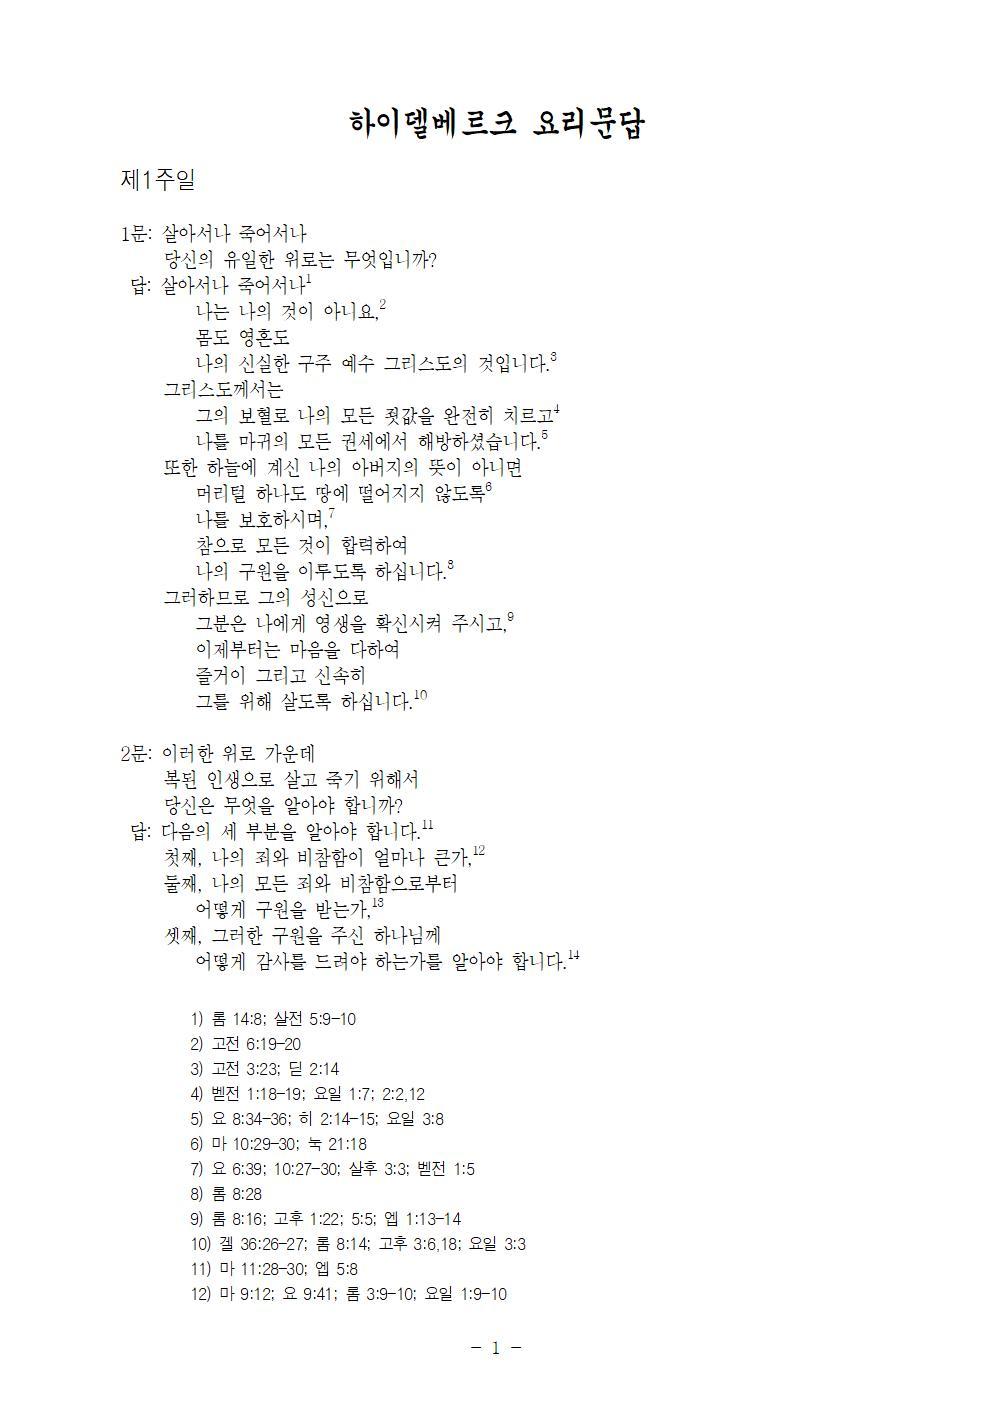 하이델베르크요리문답-최종수정판 001.jpg